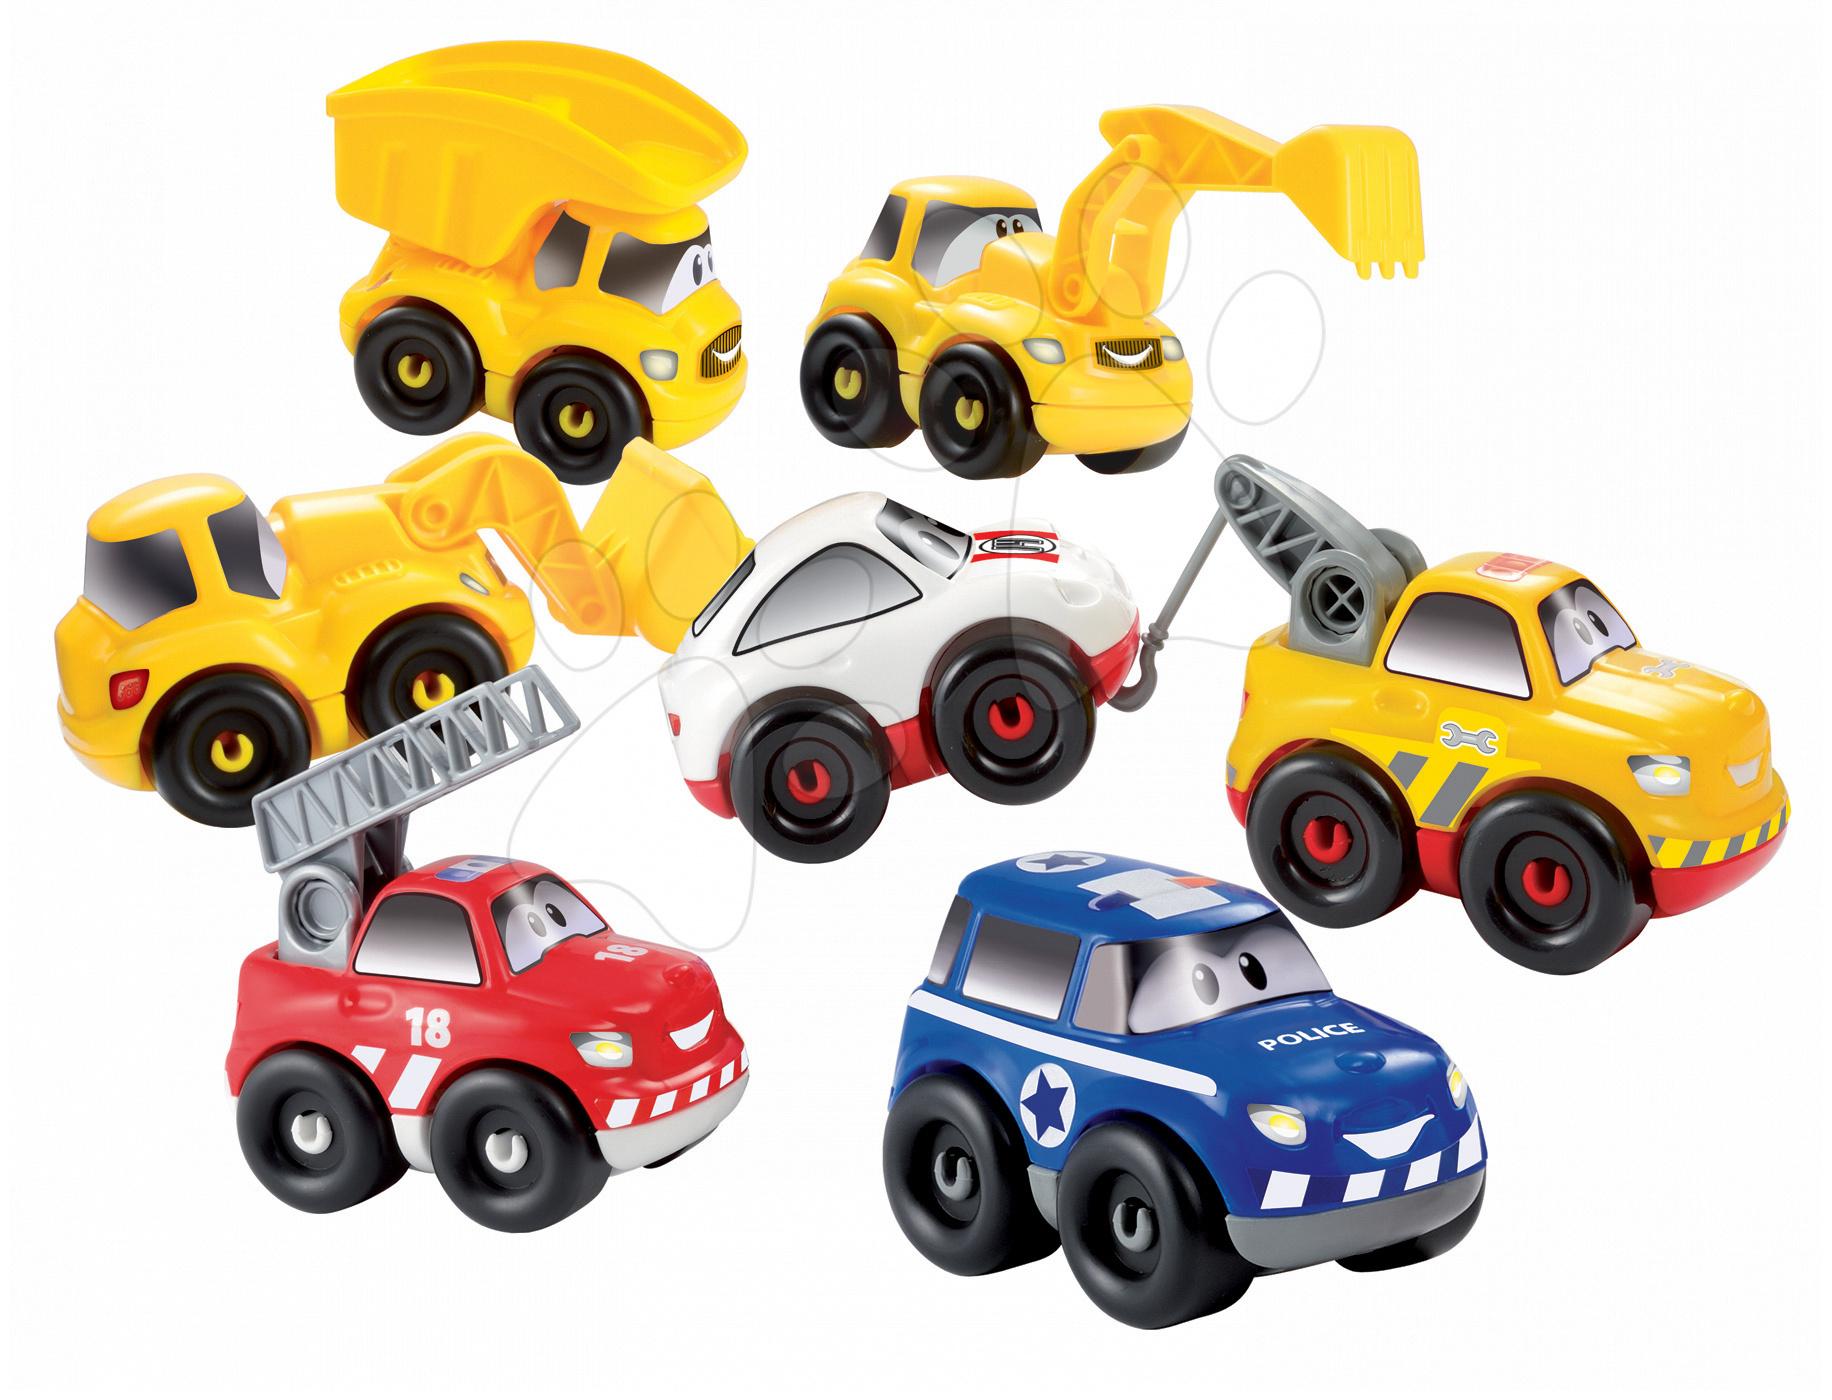 Stavebnice Rychlá auta Abrick Écoiffier 7 různých autíček 51 dílků od 18 měsíců